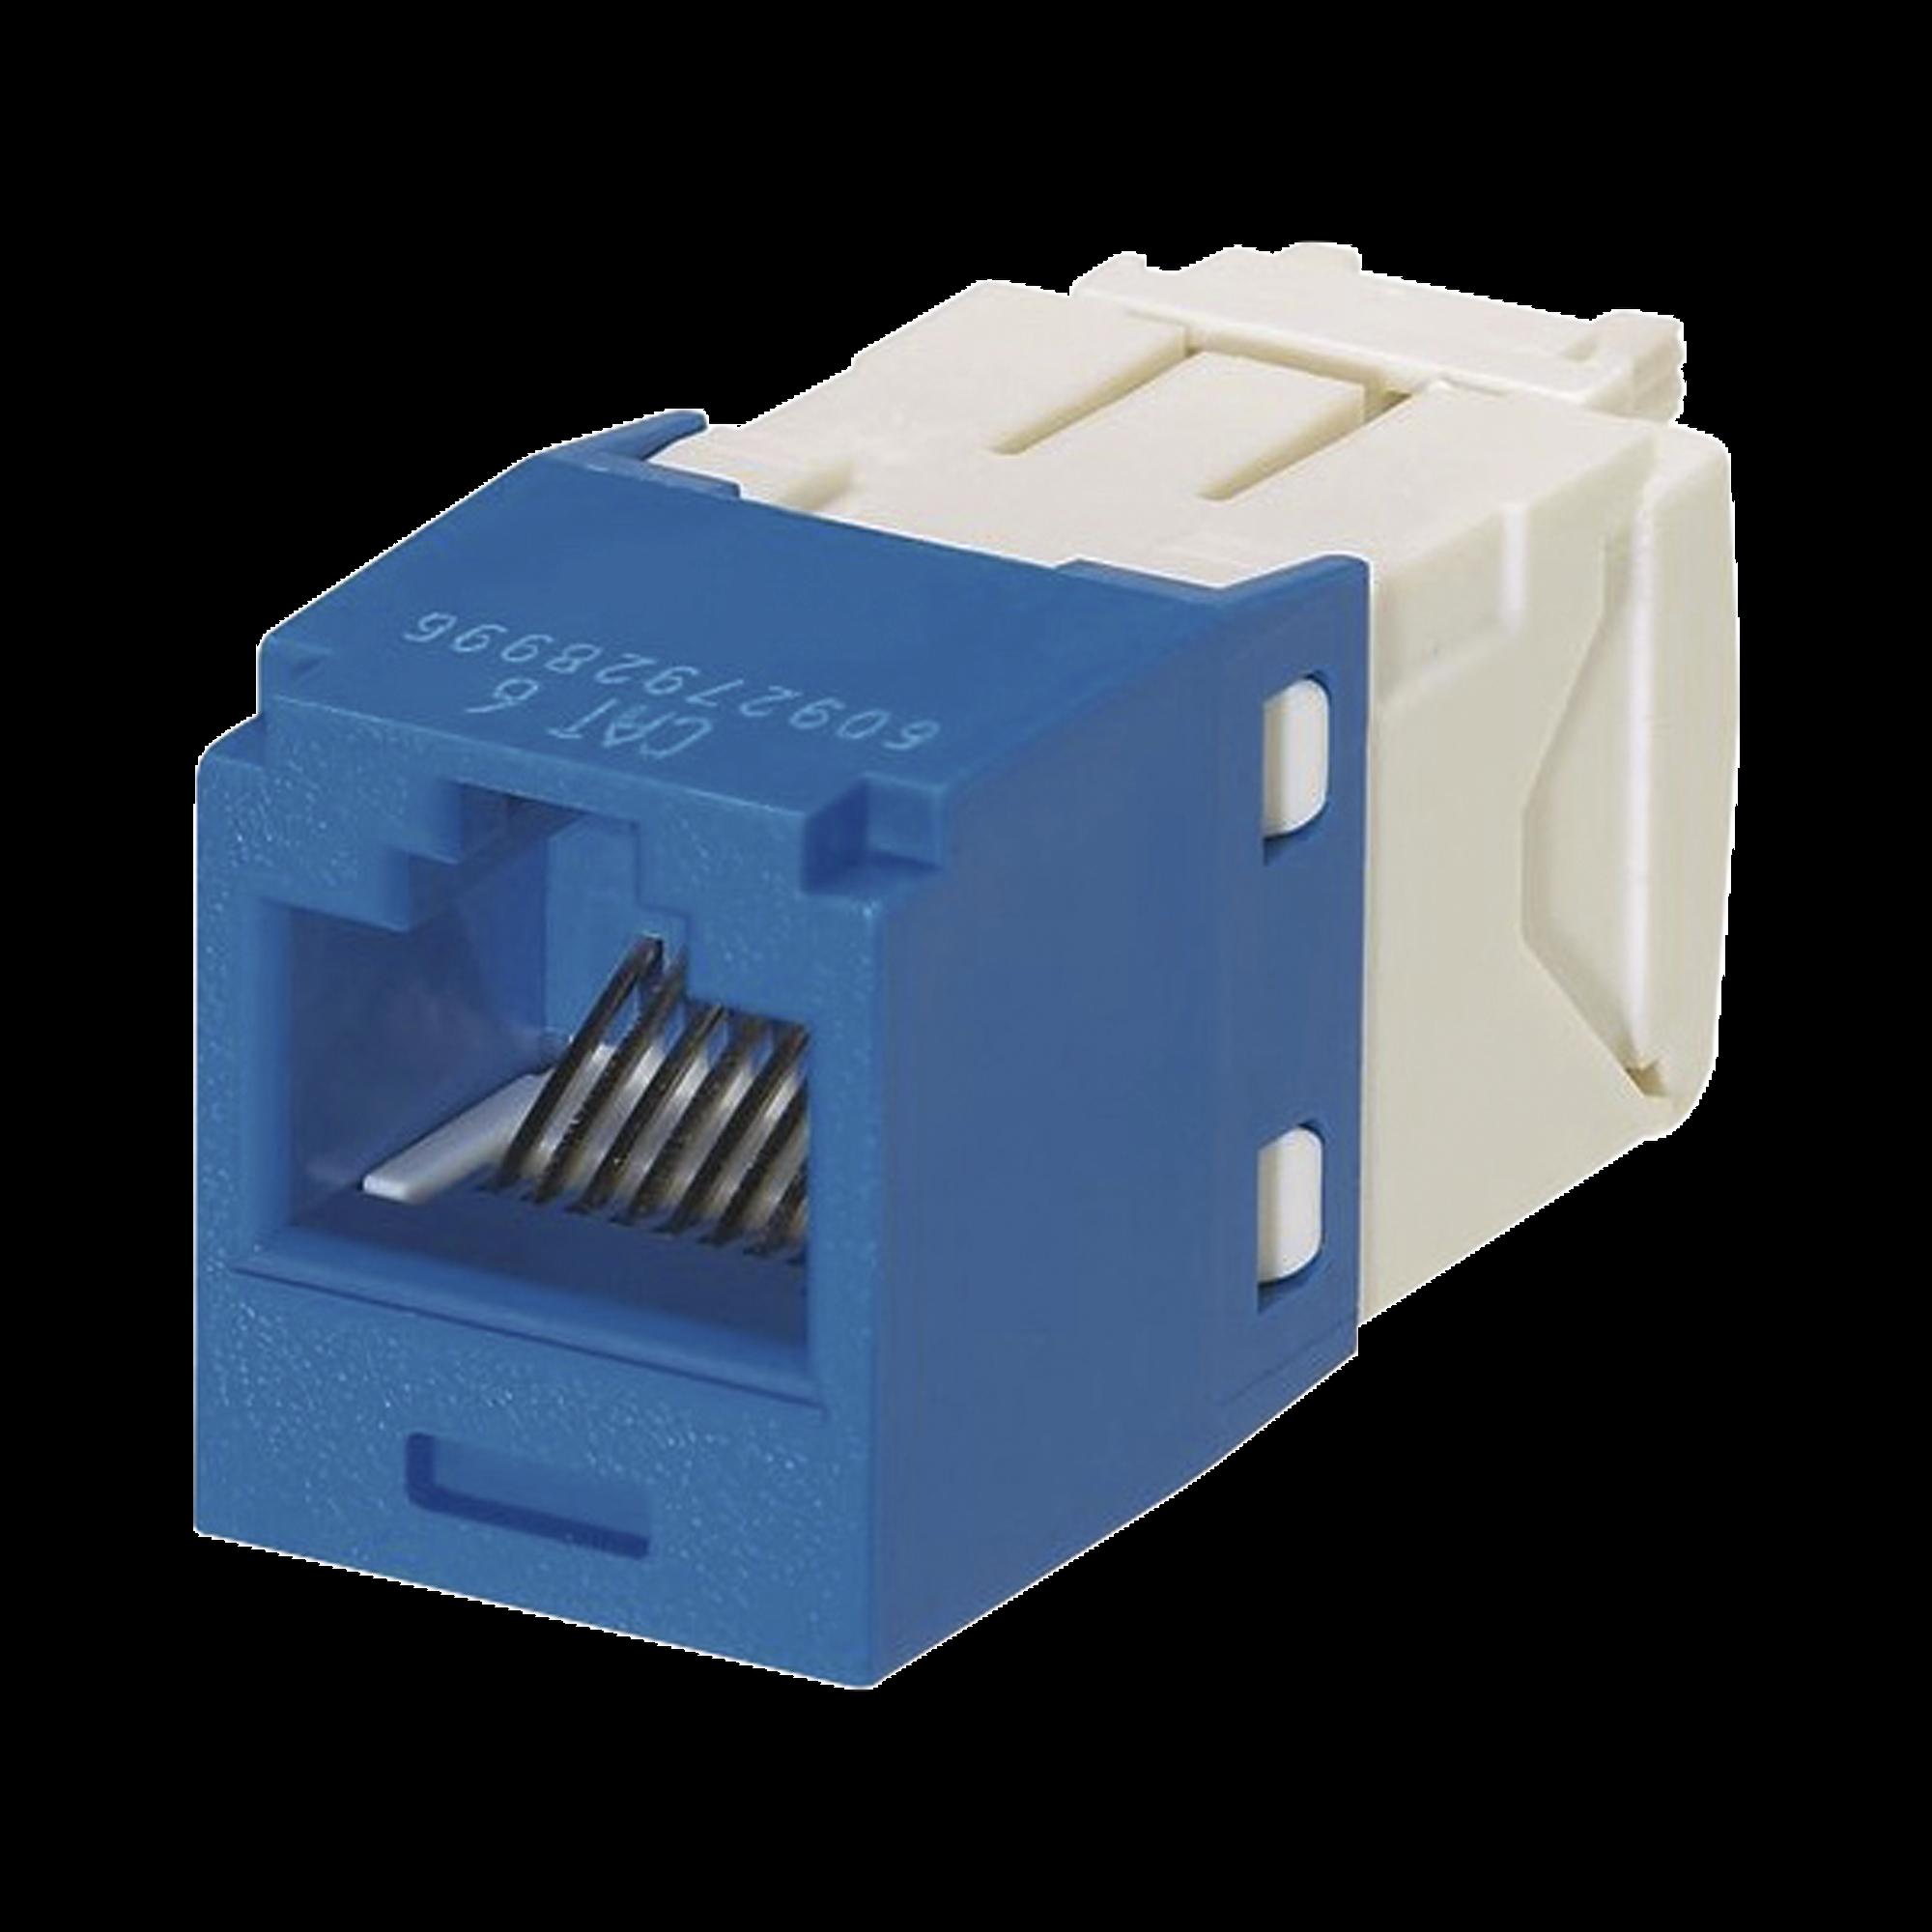 Conector Jack RJ45 Estilo TG, Mini-Com, Categoría 6, Con Gel, Resistente a la Corrosión, de 8 posiciones y 8 cables, Color Azul